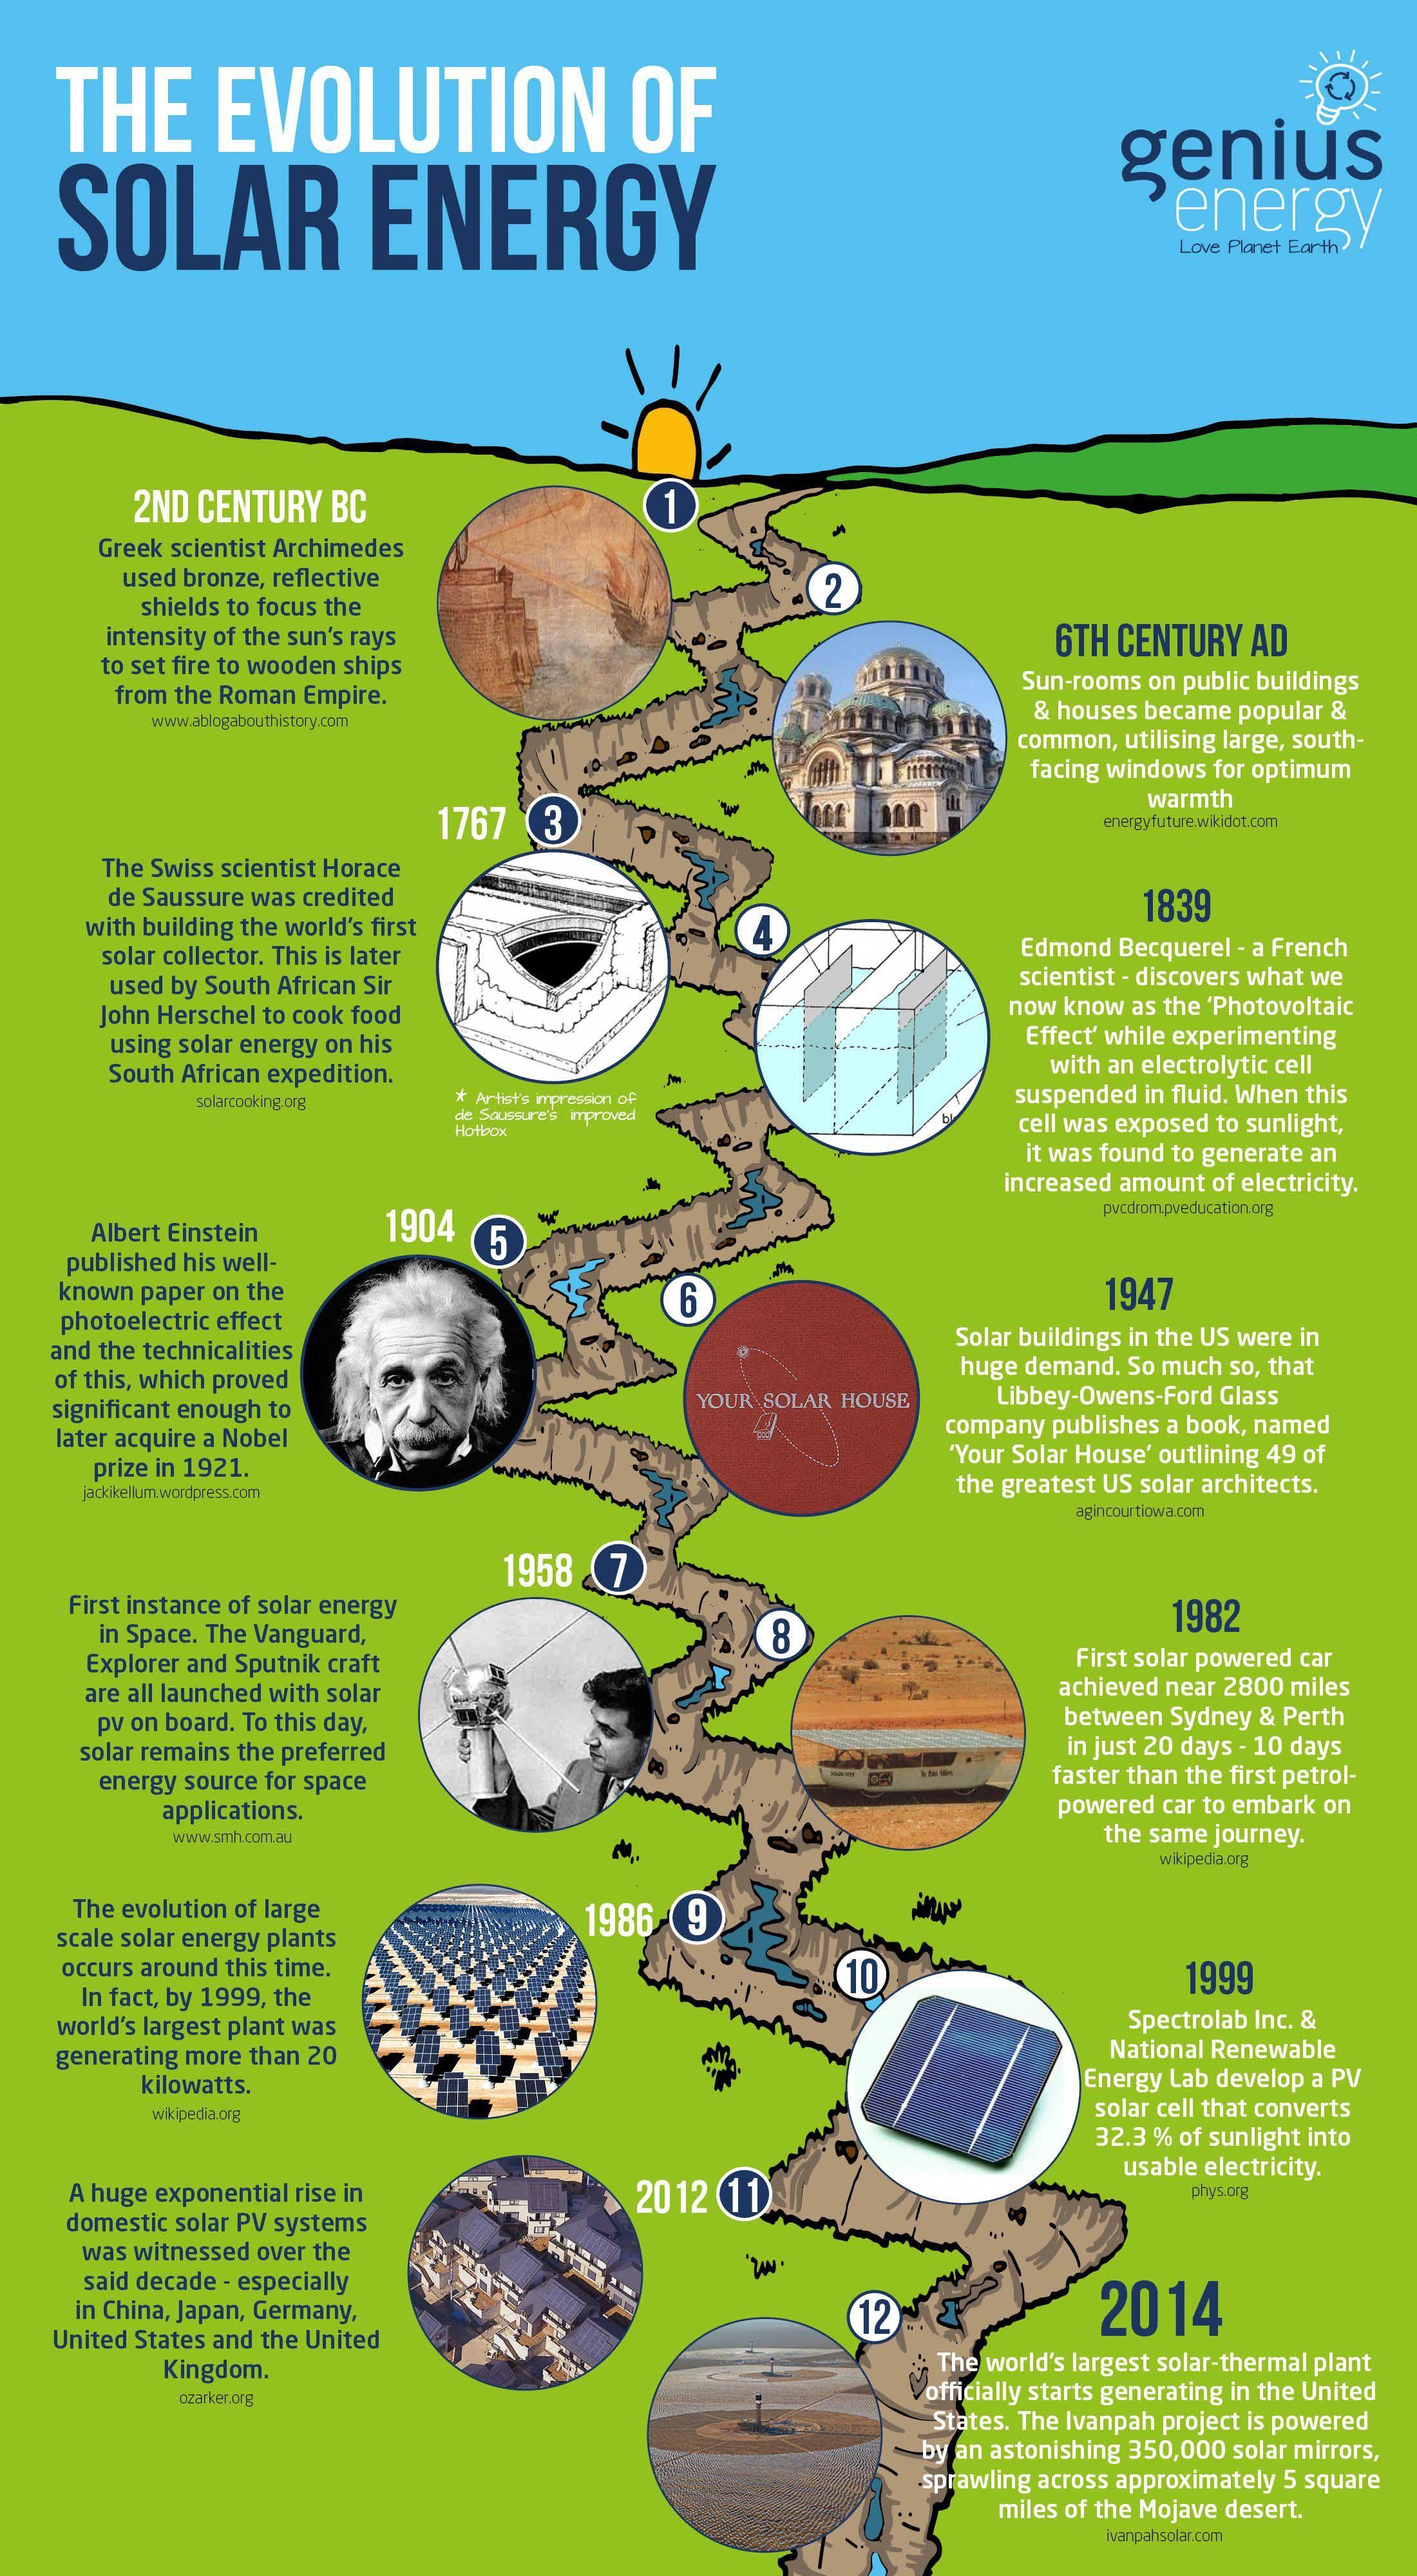 evolution of solar energy